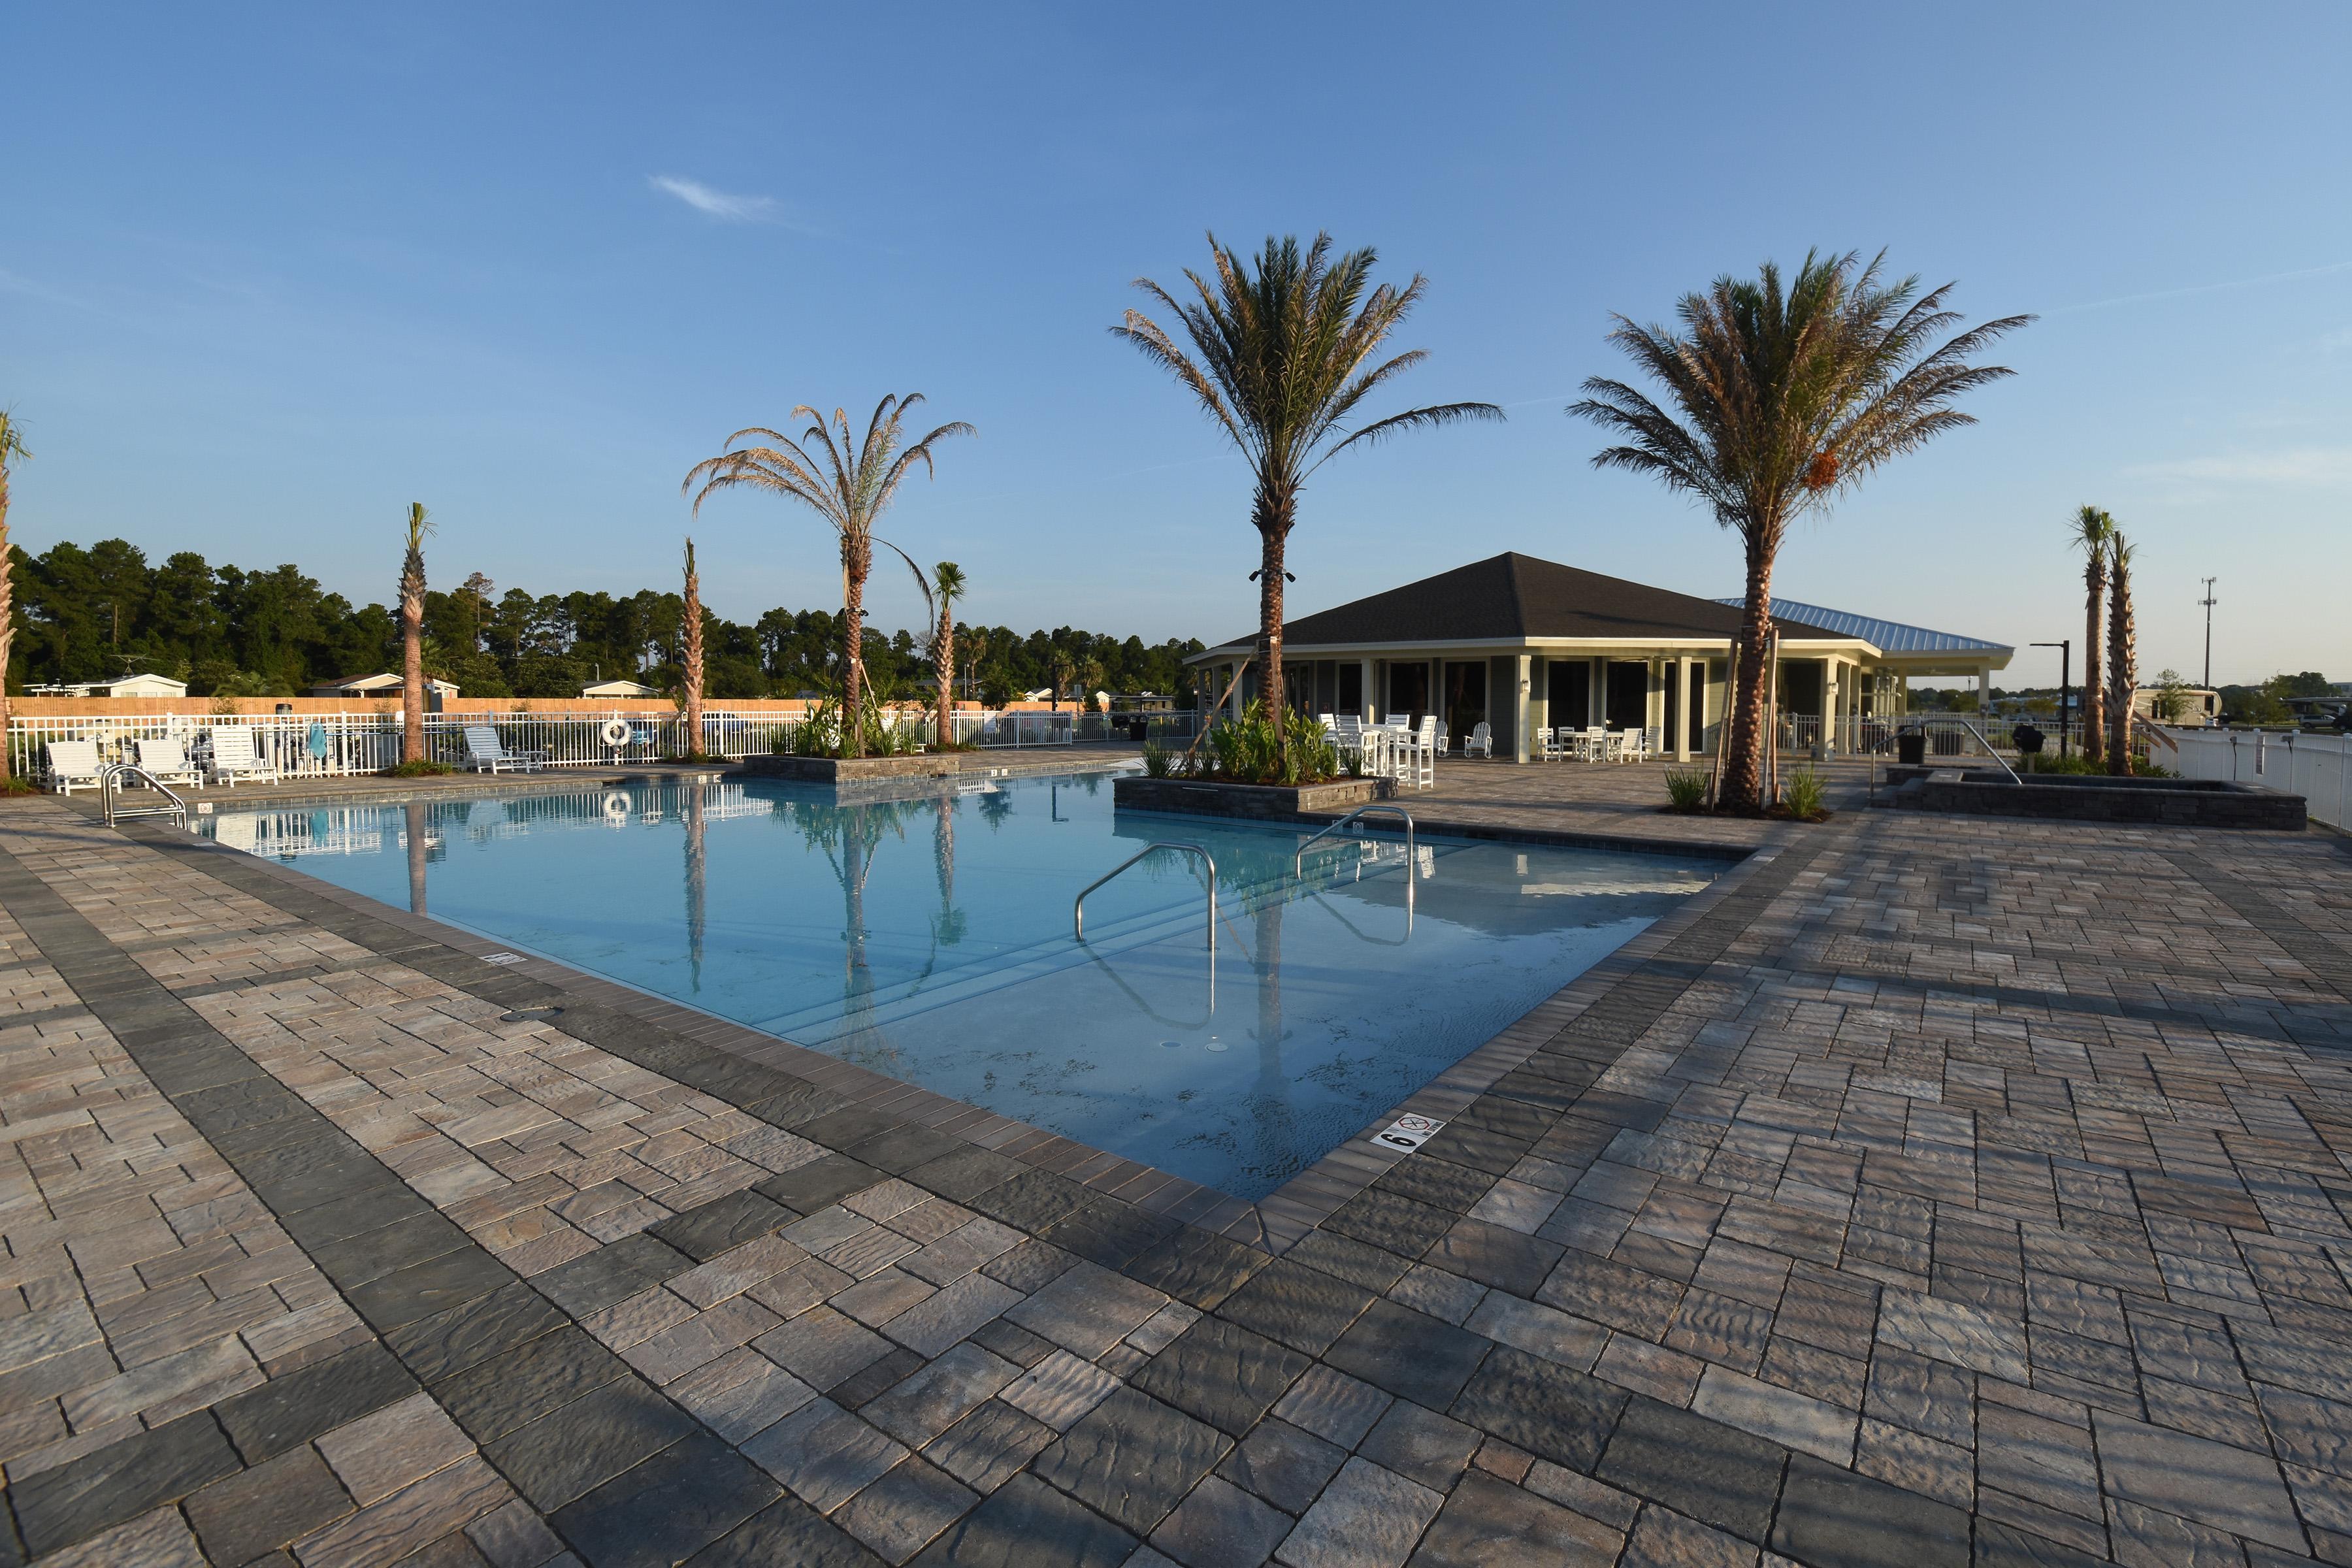 Pandion Ridge Luxury RV Resort